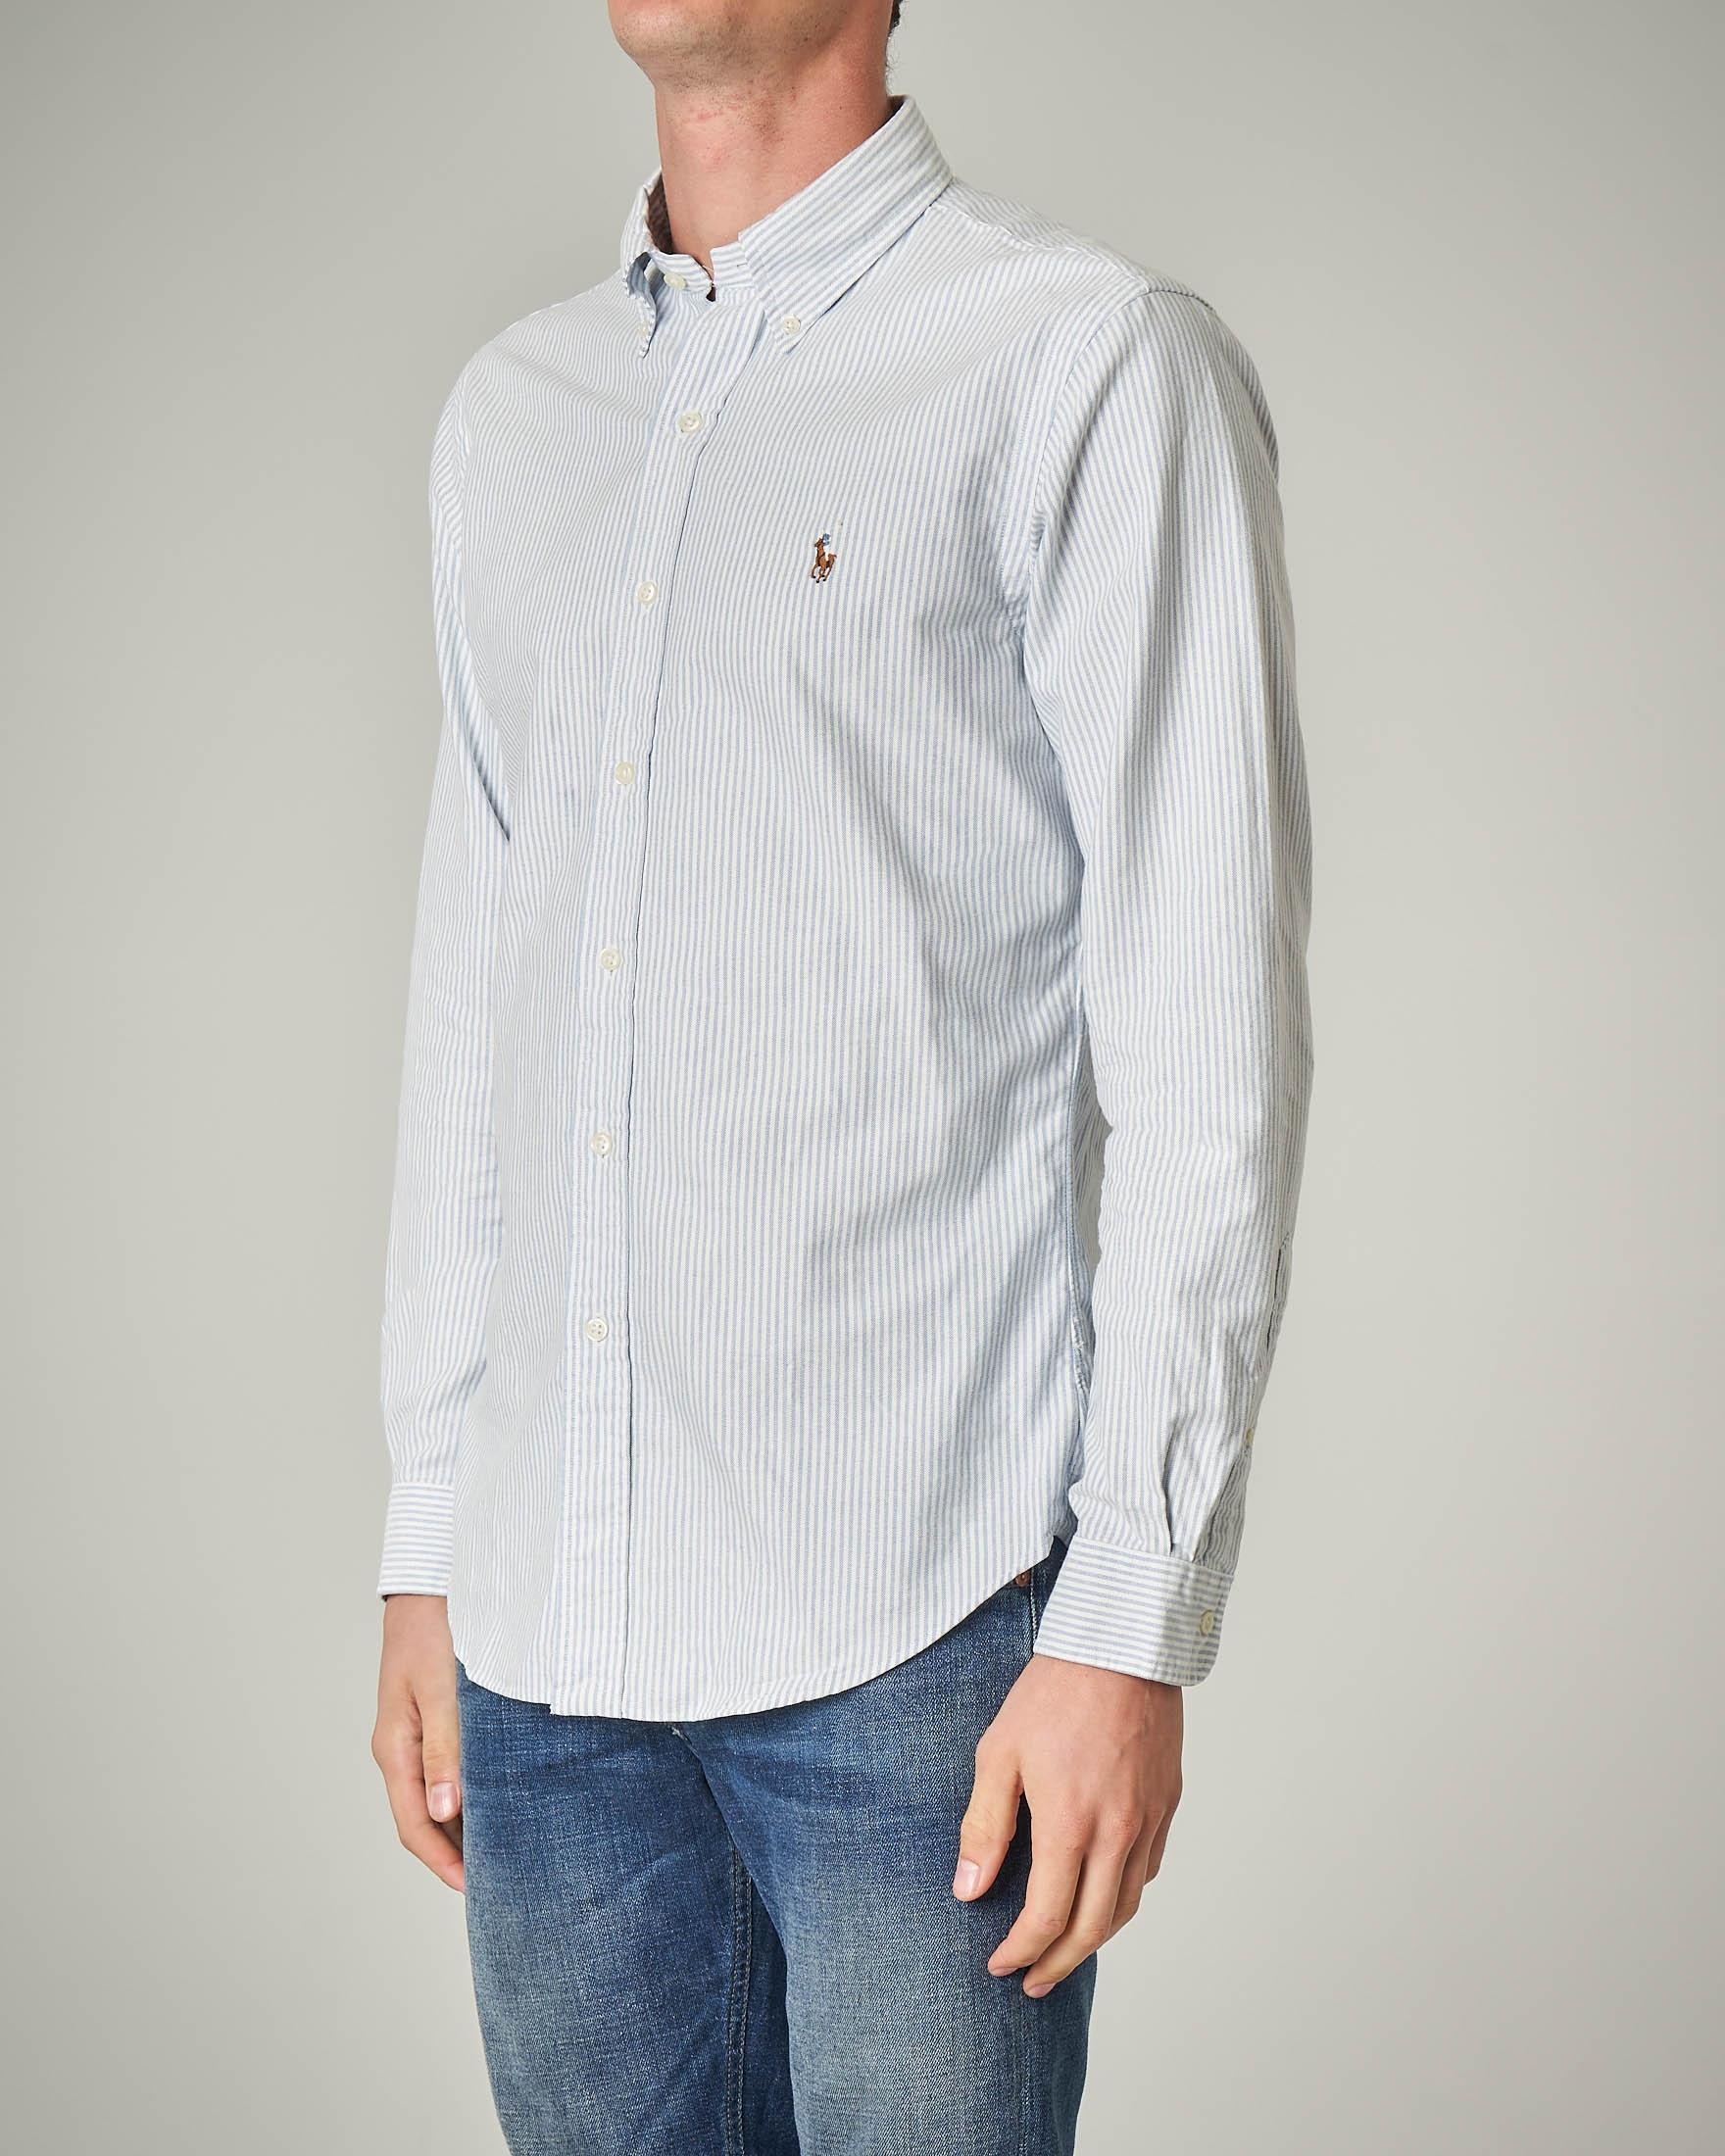 Camicia a bastoncino bianco-grigio button down